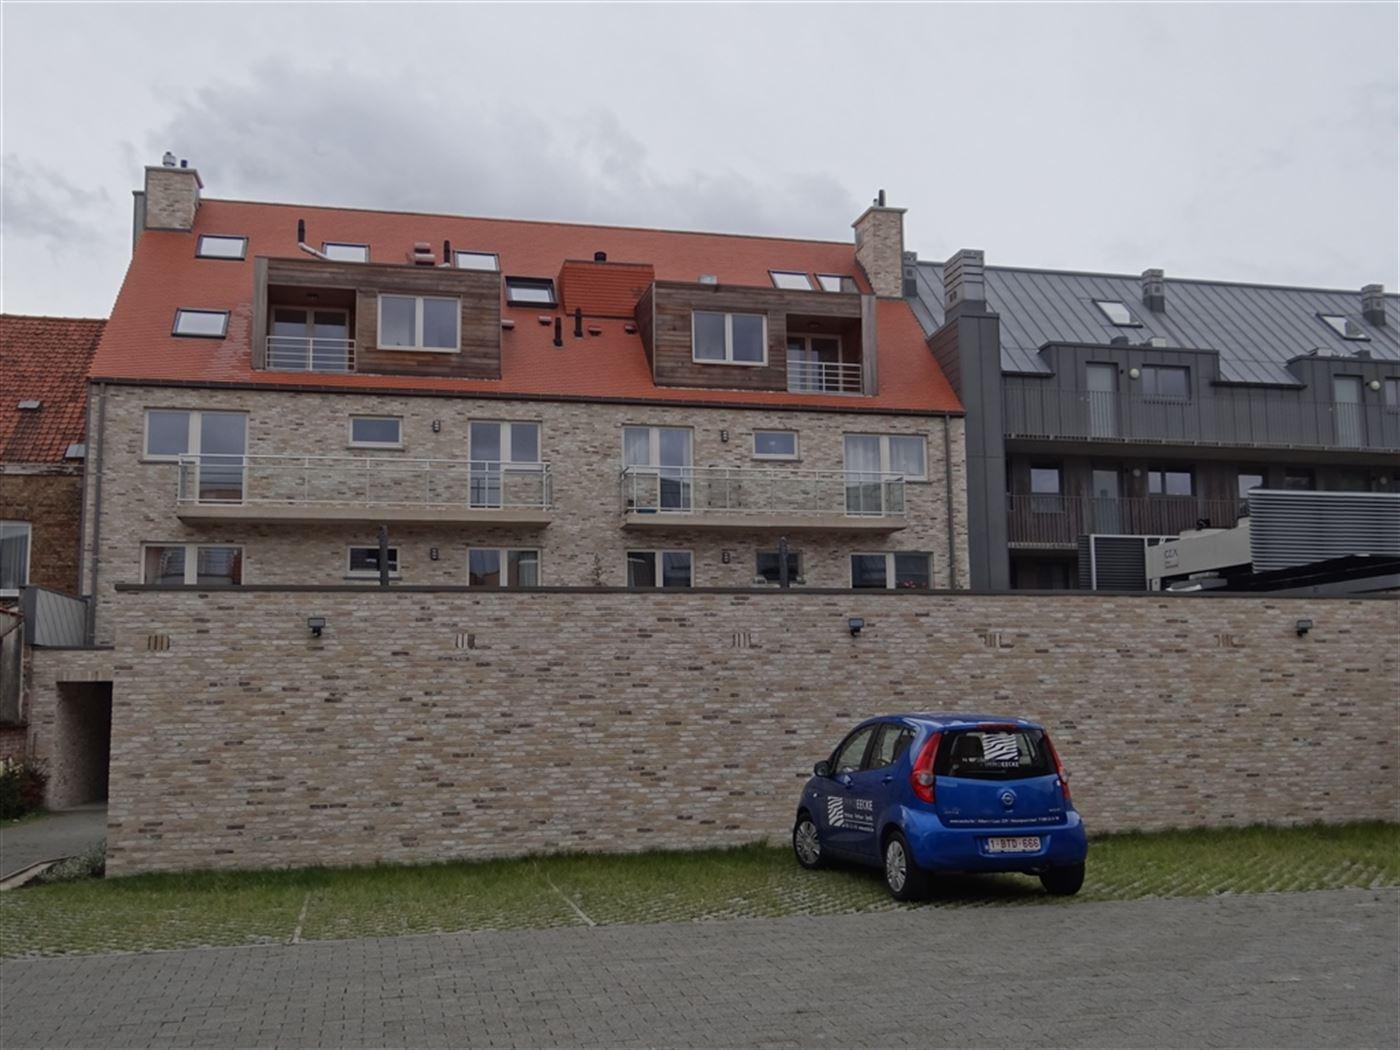 NEPTUNUS PARKING 2 - Open parkeerplaats op afgesloten binnenplaats - Nieuwbouw - Centrale ligging in Nieuwpoort-Stad (zijstraat van de Kaai) - Afmetin...